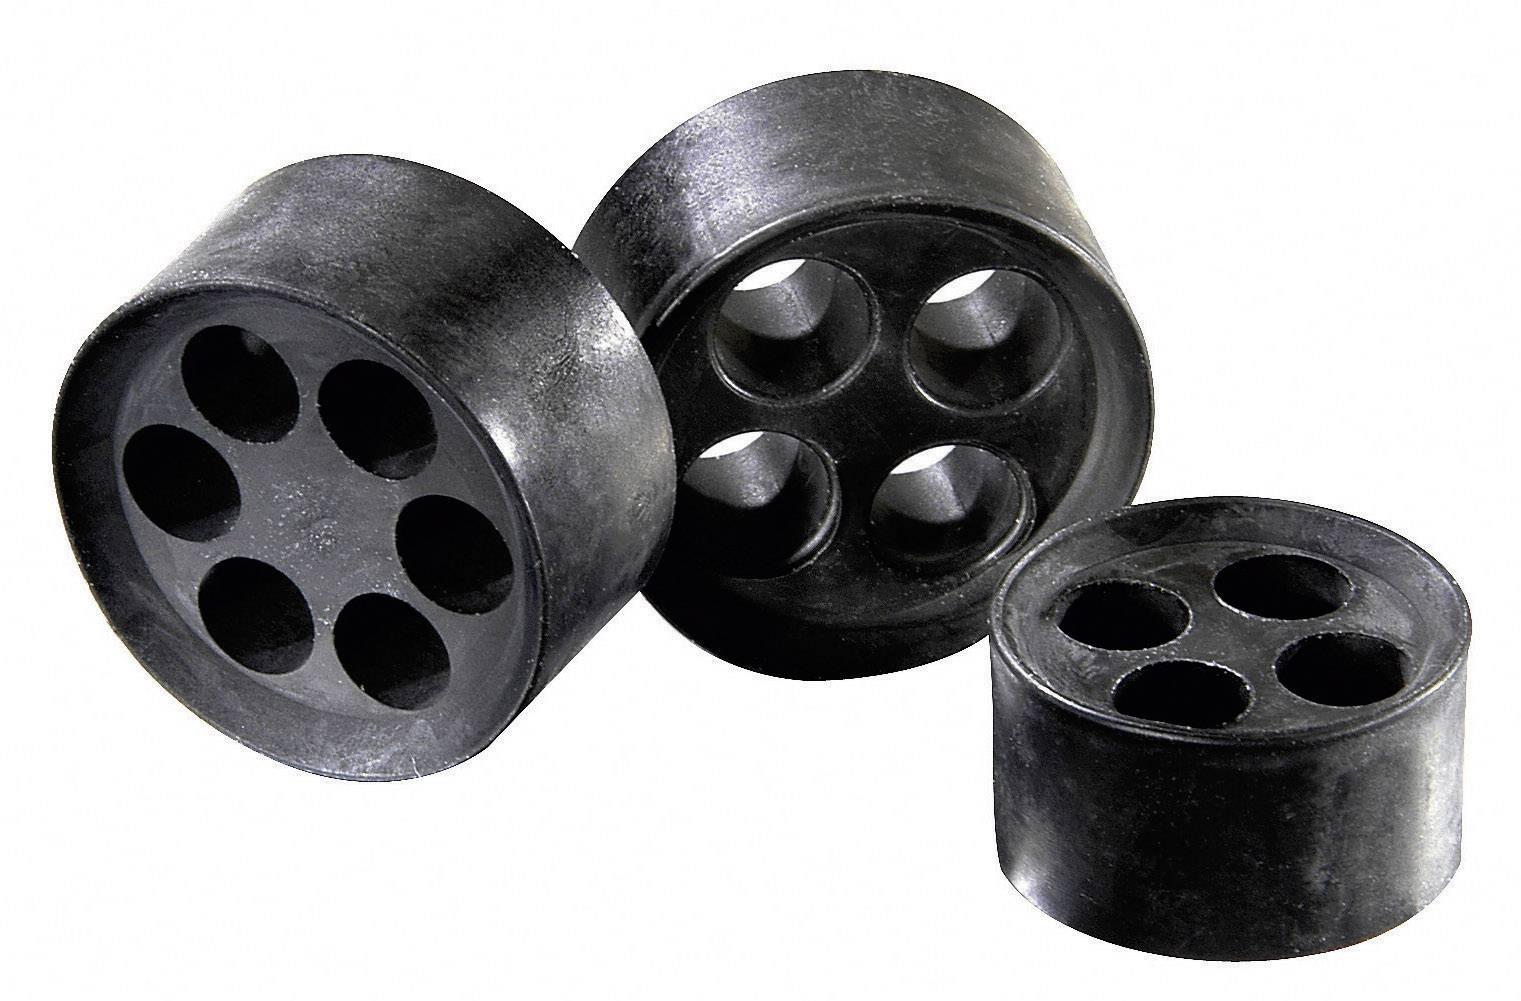 Těsnicí vložka M25 Wiska MFD 25/02/070 (10063995), IP66, M25, elastomer, černá